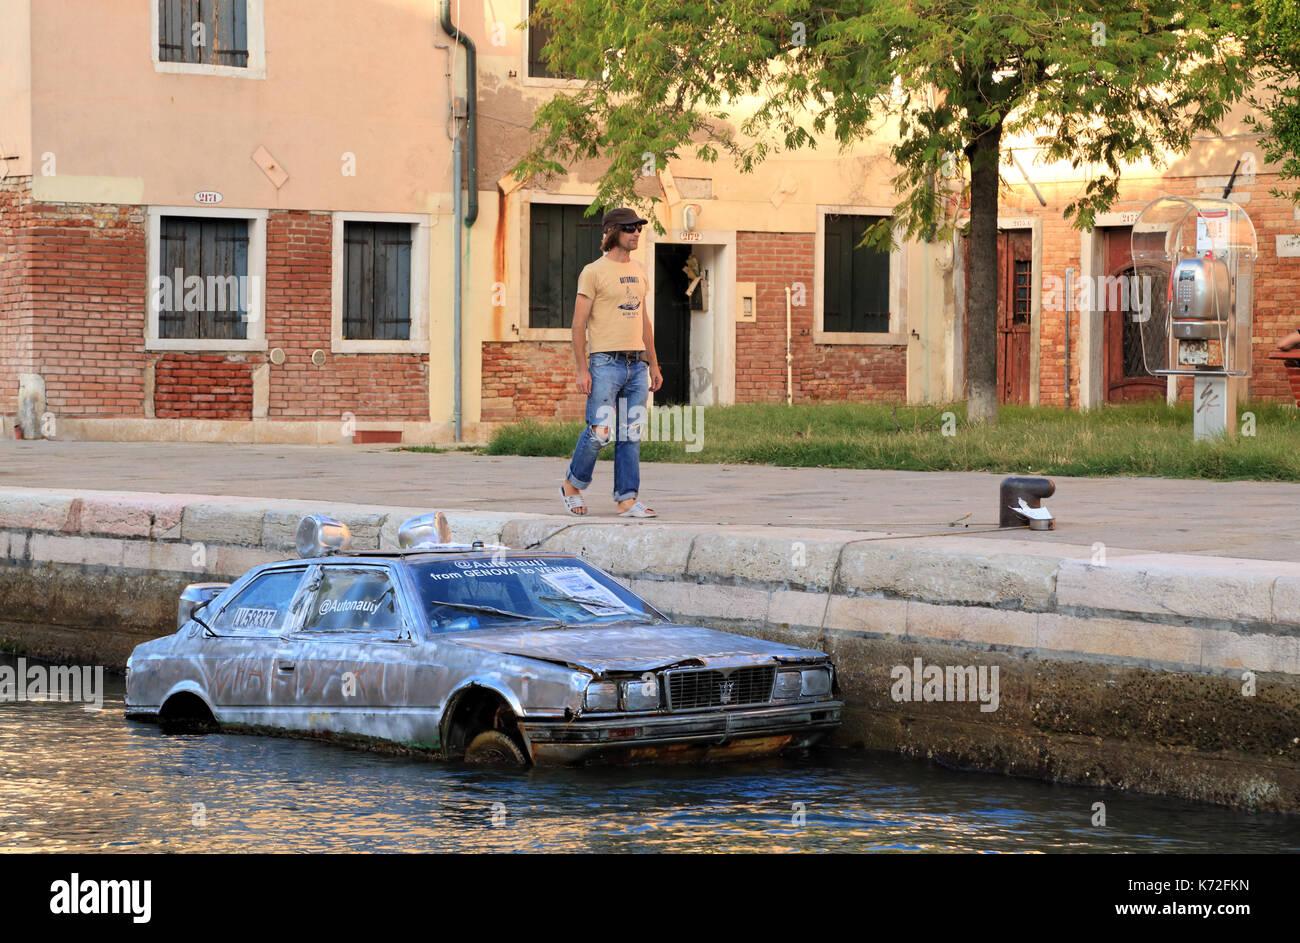 Autonauta Marco Amoretti, La Biennale di Venezia 2017 - Stock Image